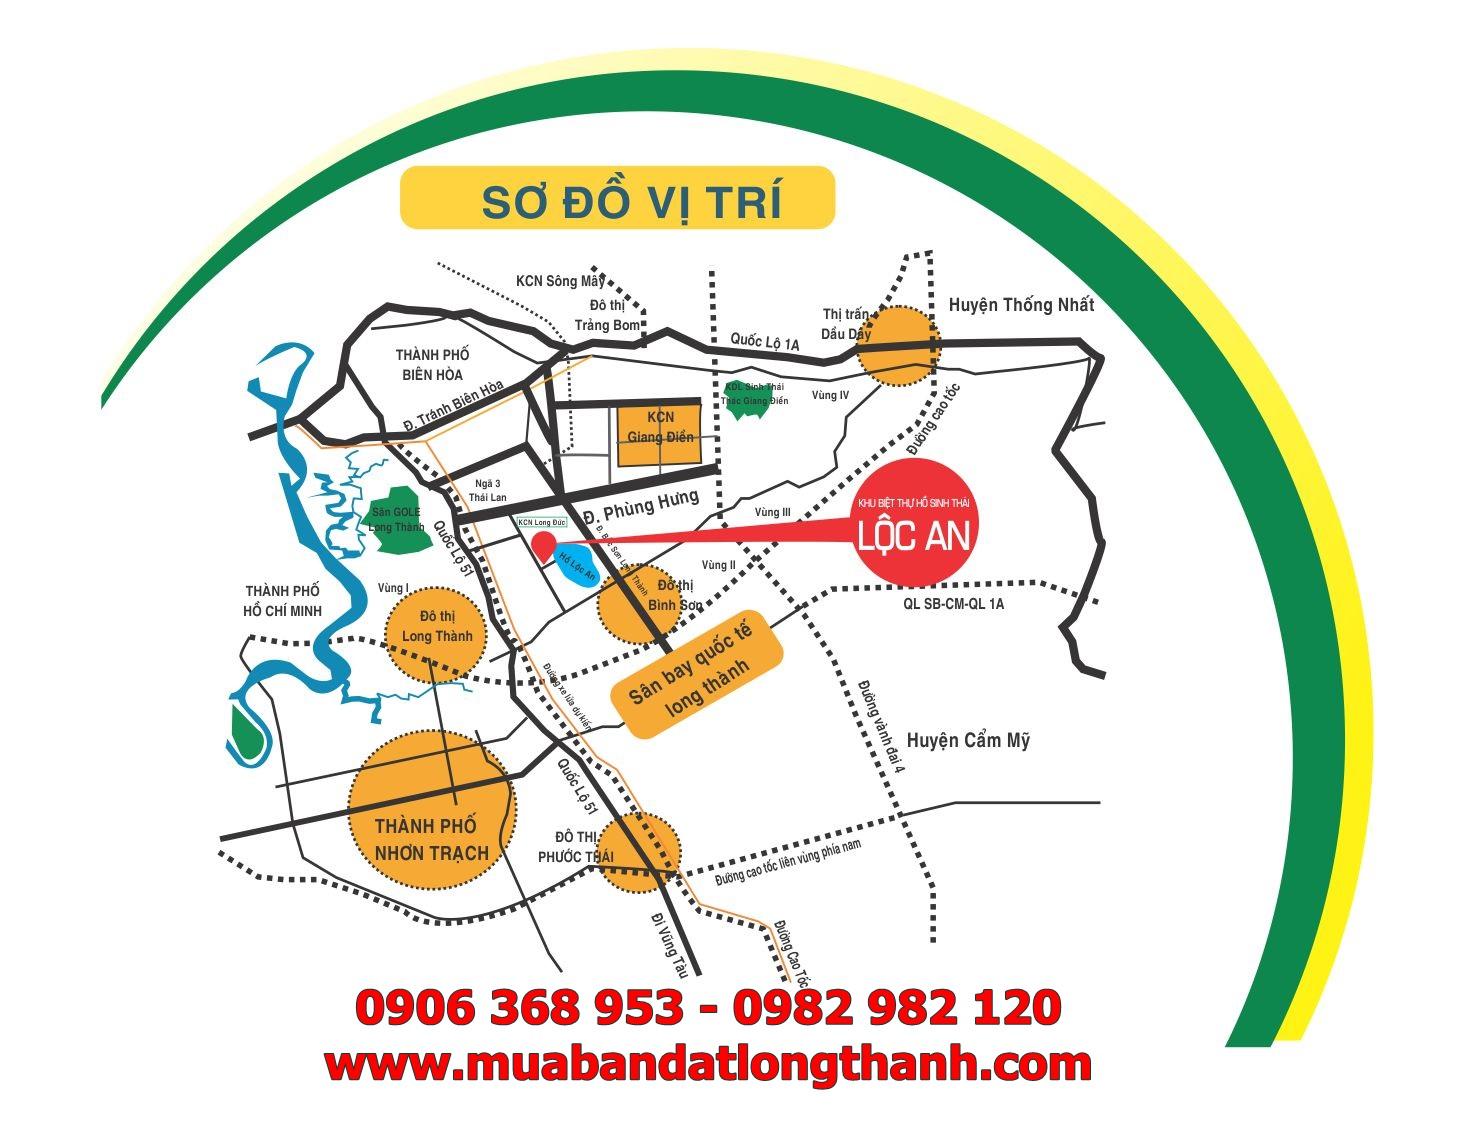 Sơ đồ vị trí đất nền dự án Khu biệt thự Sala Hồ Lộc An Long Thành Đồng Nai